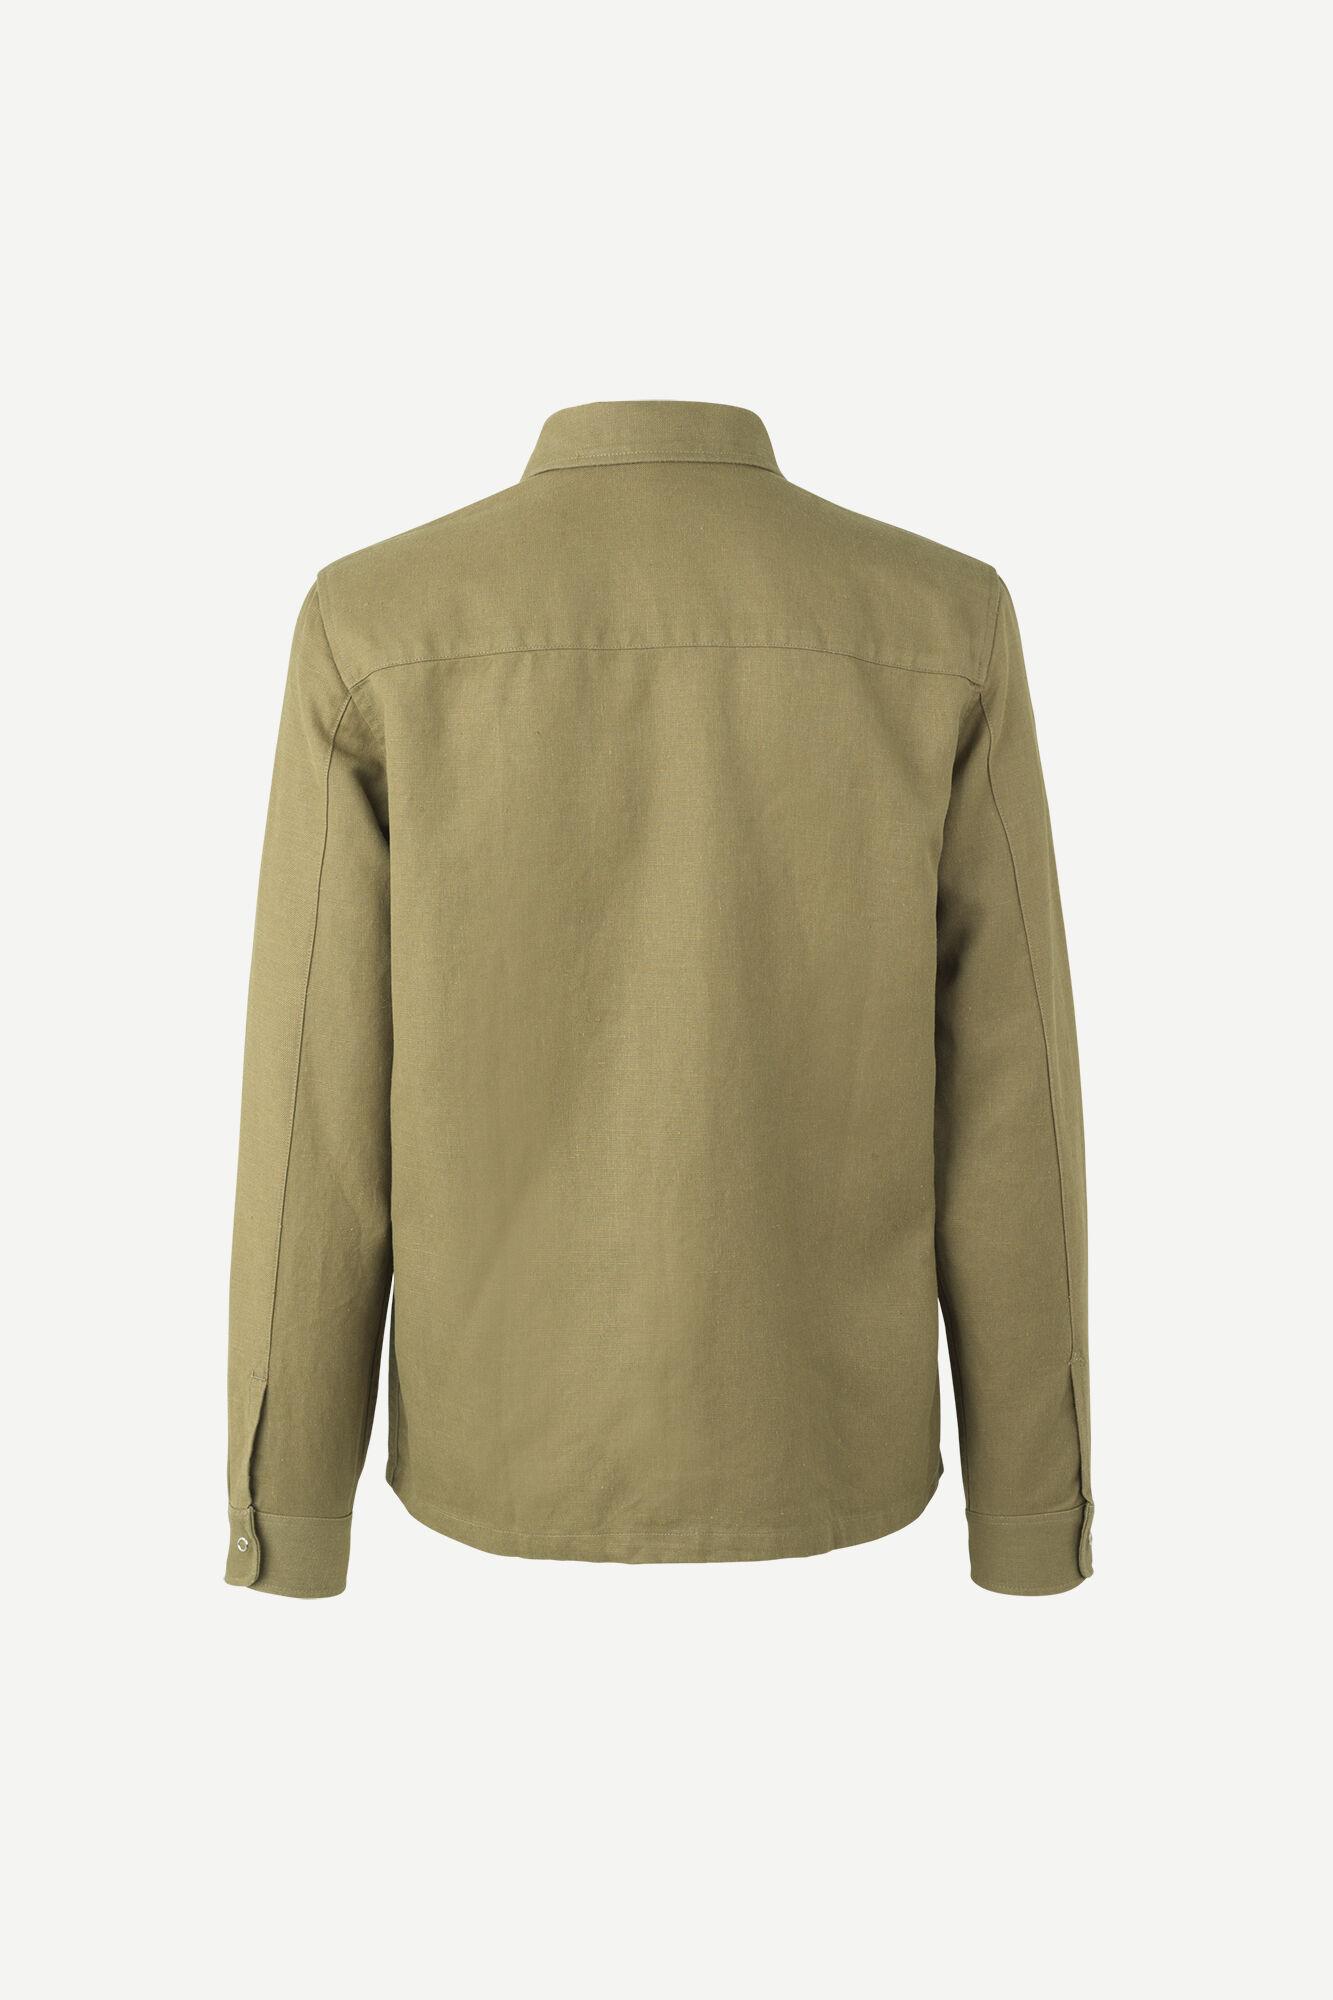 Ruffo JC shirt 11536